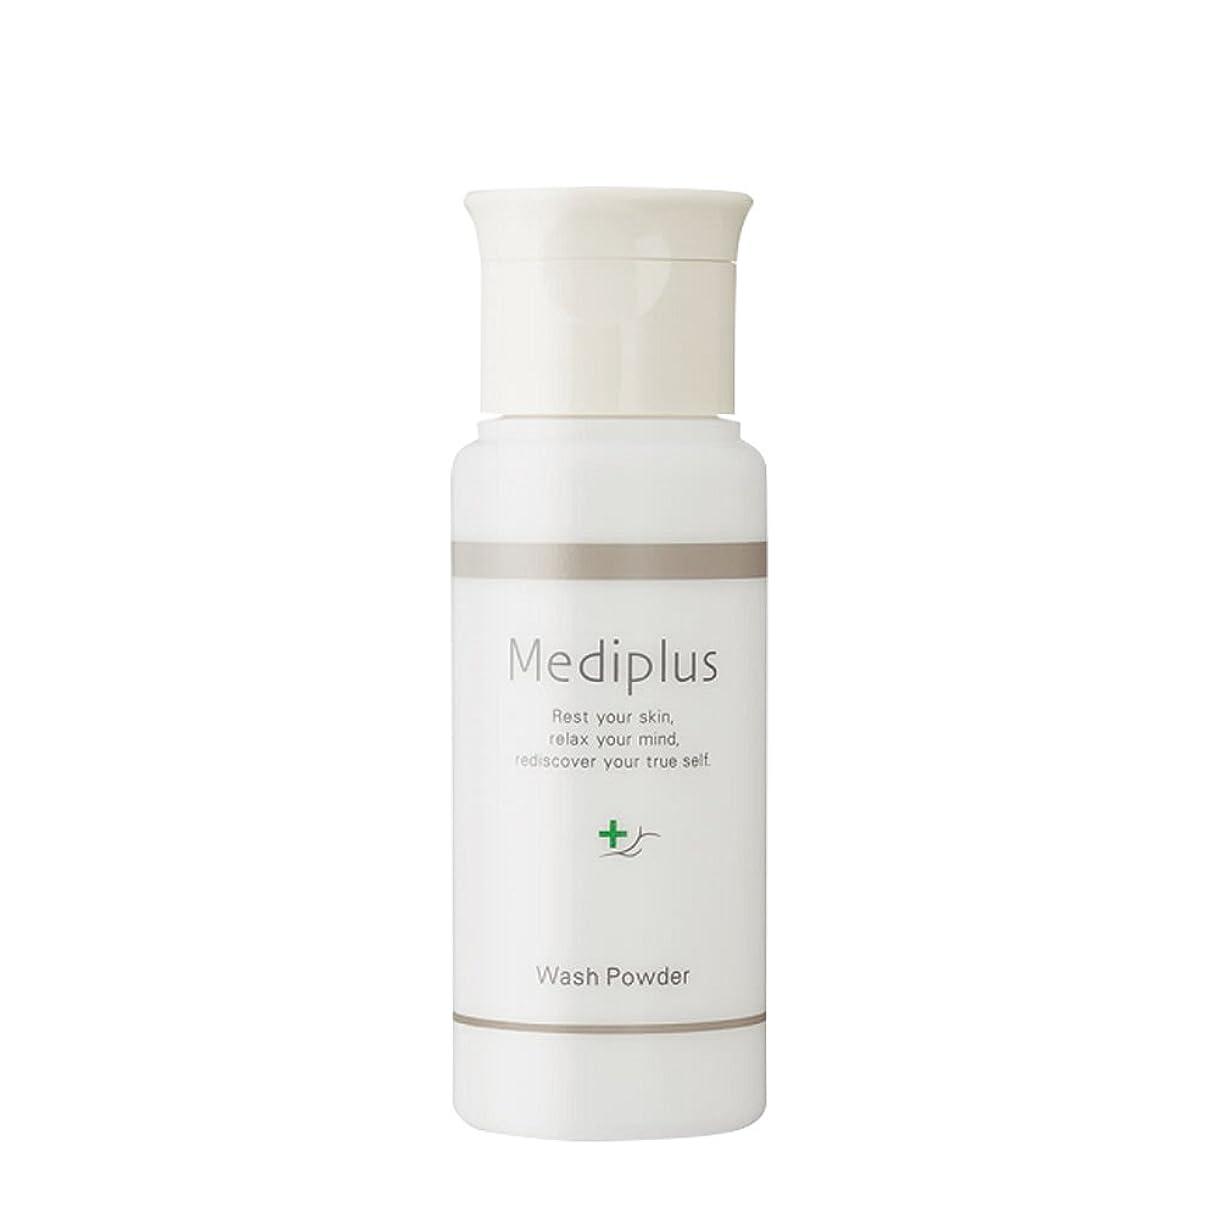 独裁楽しい砦【Mediplus+】 メディプラス 酵素洗顔料 ウォッシュパウダー ミニ 20g [ パパイン酵素 毛穴ケア ]